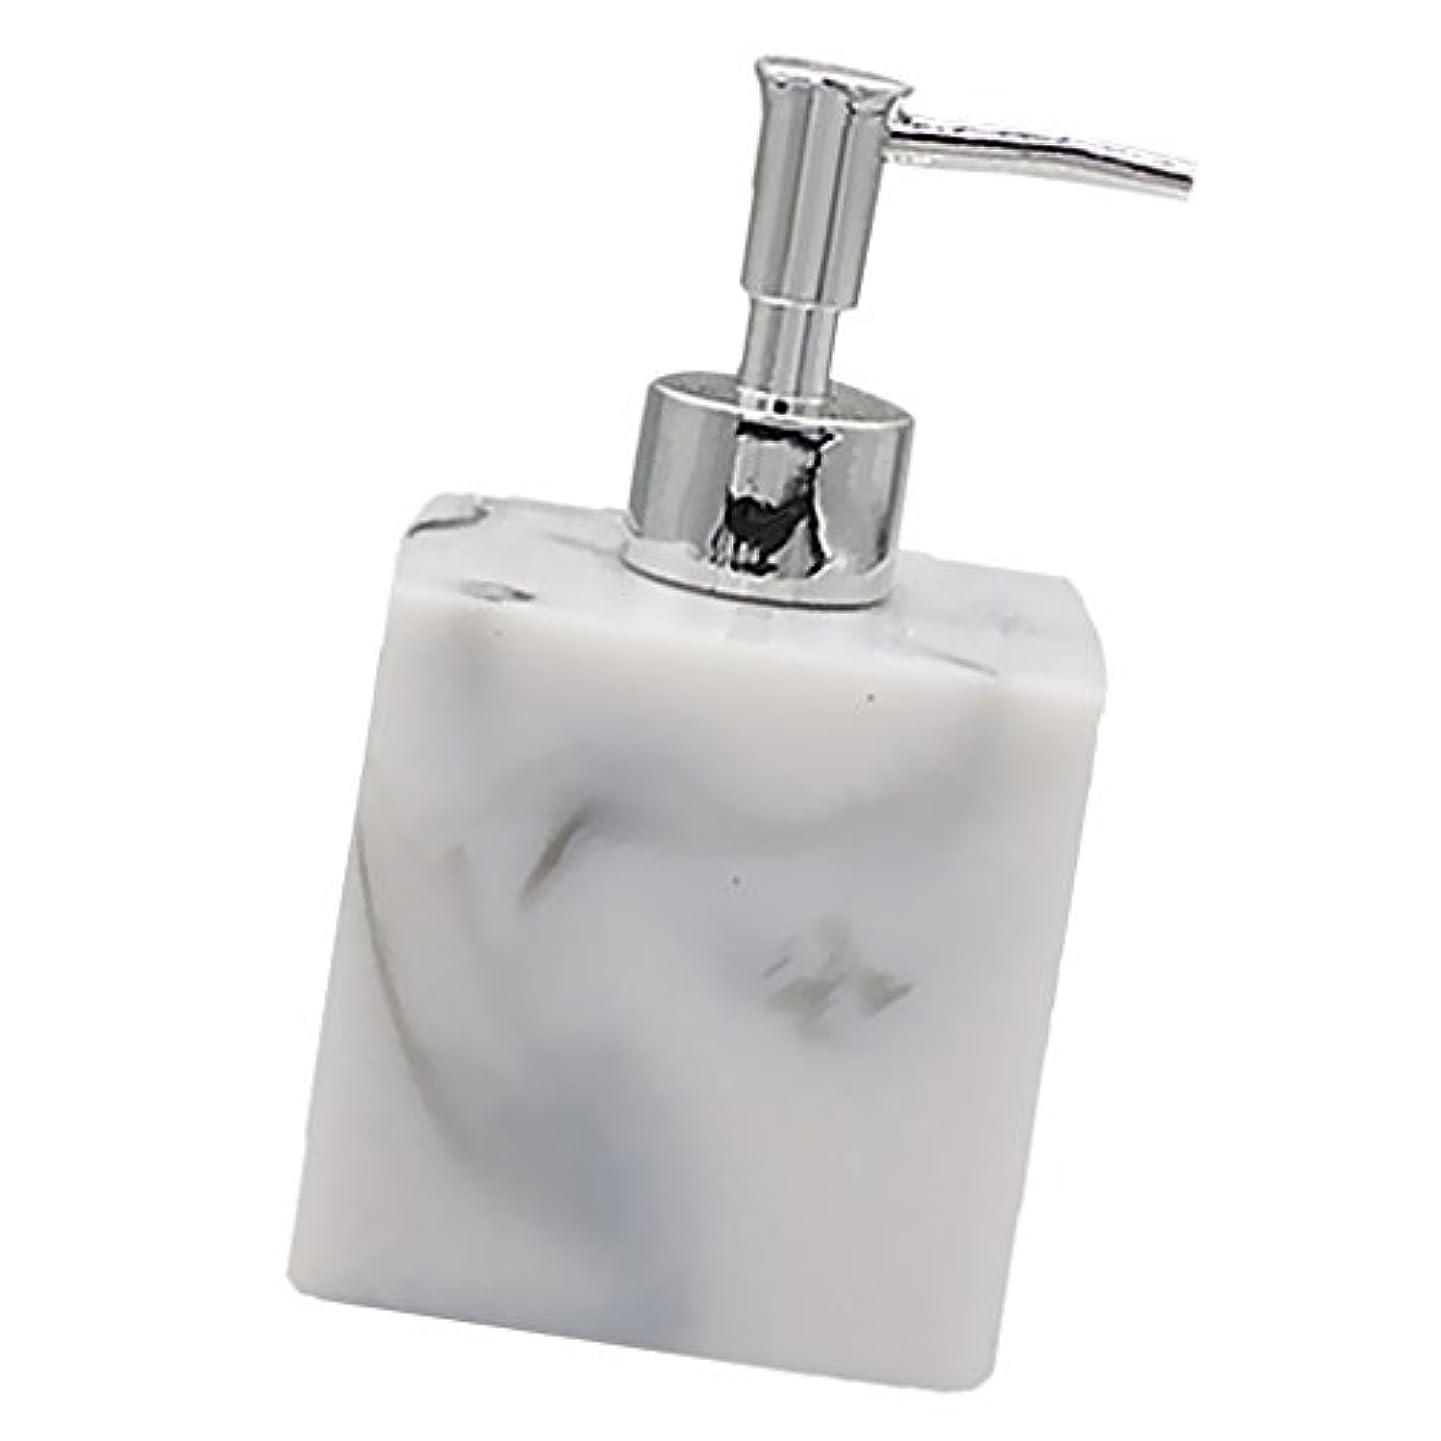 フィッティング忠実に概して実用性 石けん シャンプー ディスペンサー 5色 ポンプ式 液体ボトル バスルーム キッチン 耐久性 - 大理石